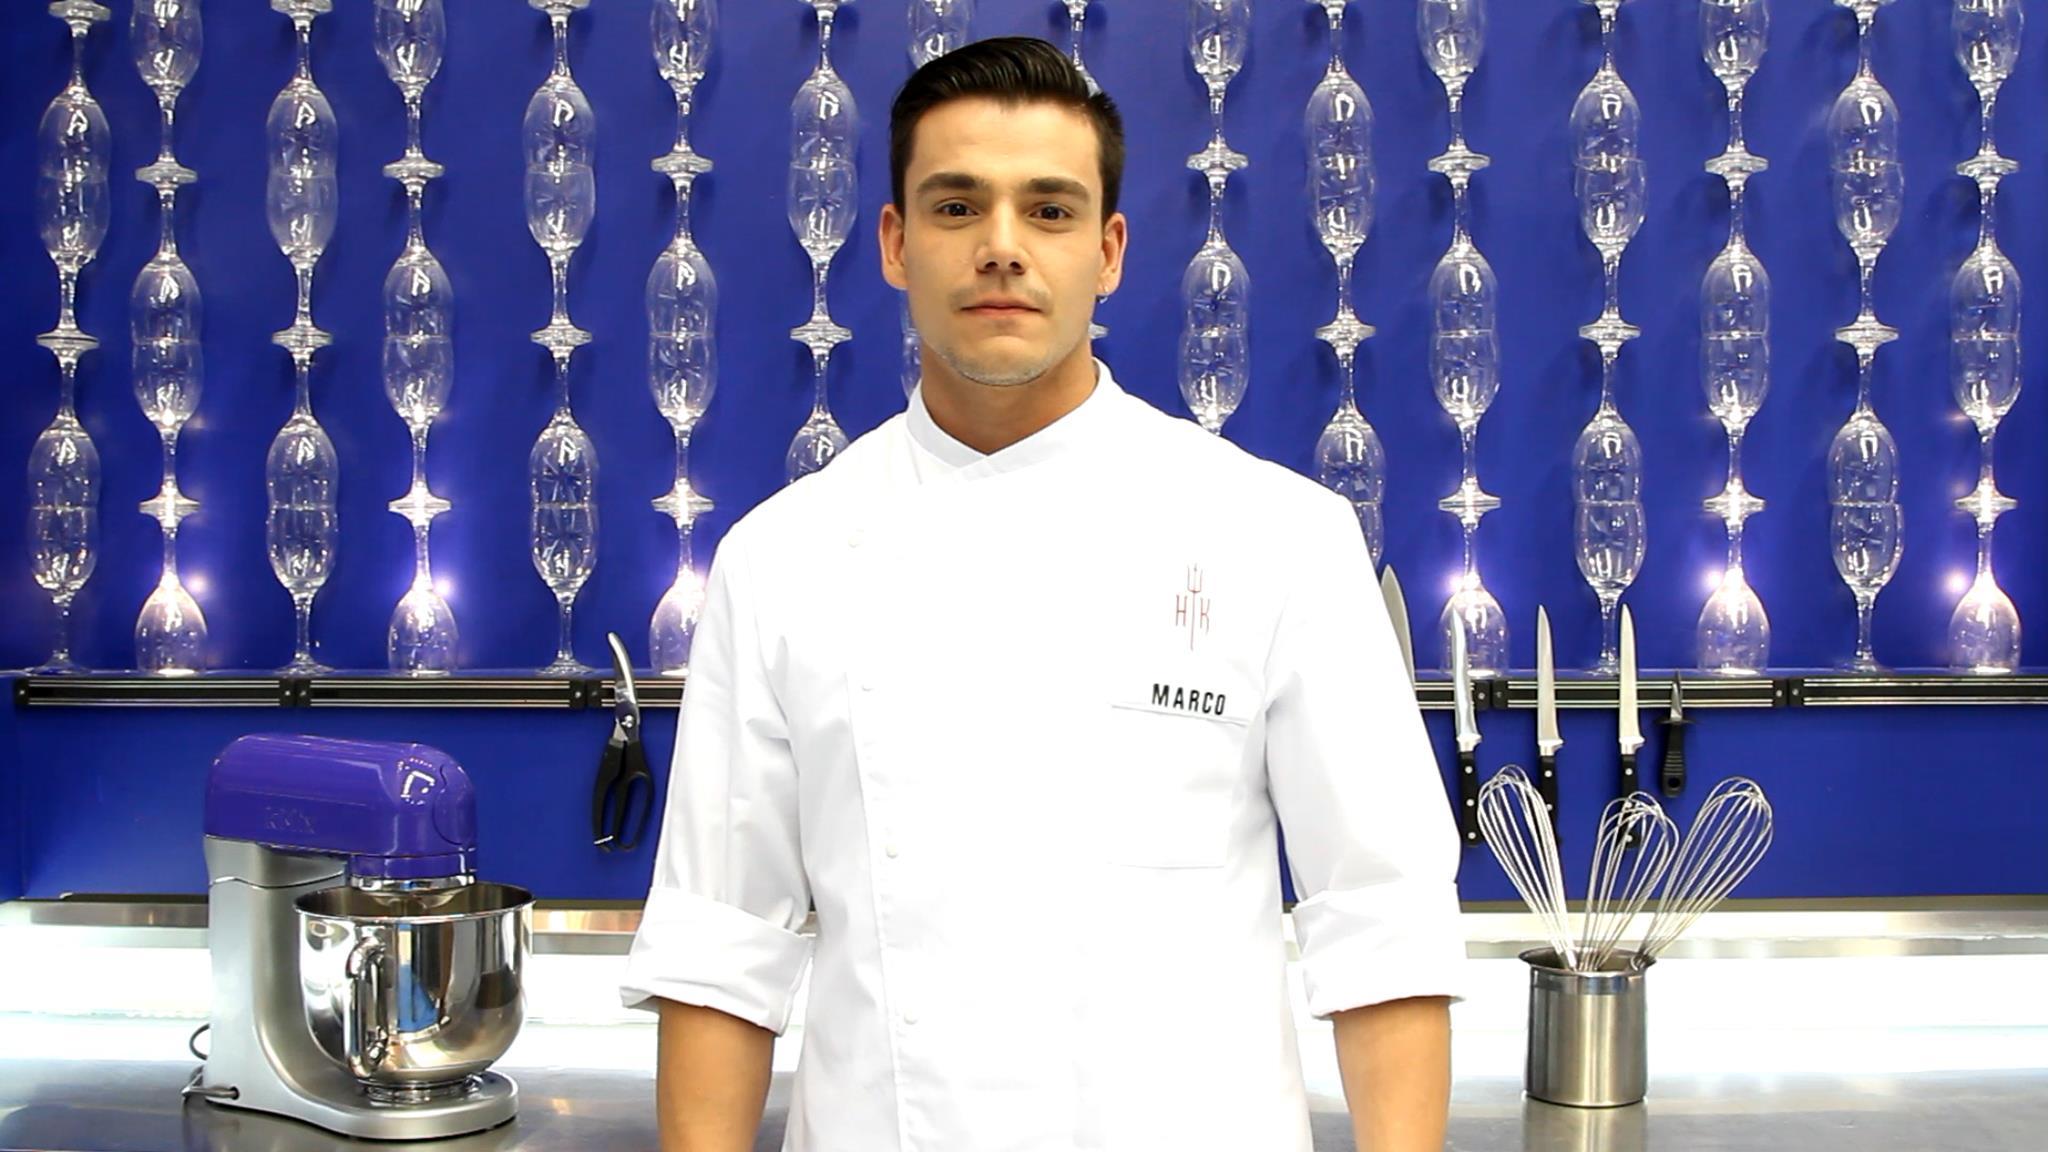 Marco começou a trabalhar na área aos 14 anos, em uma padaria e fez faculdade de gastronomia sem o apoio da família. Atualmente já foi modelo e hoje trabalha como torneiro mecânico enquanto tenta uma vaga na área gastronômica